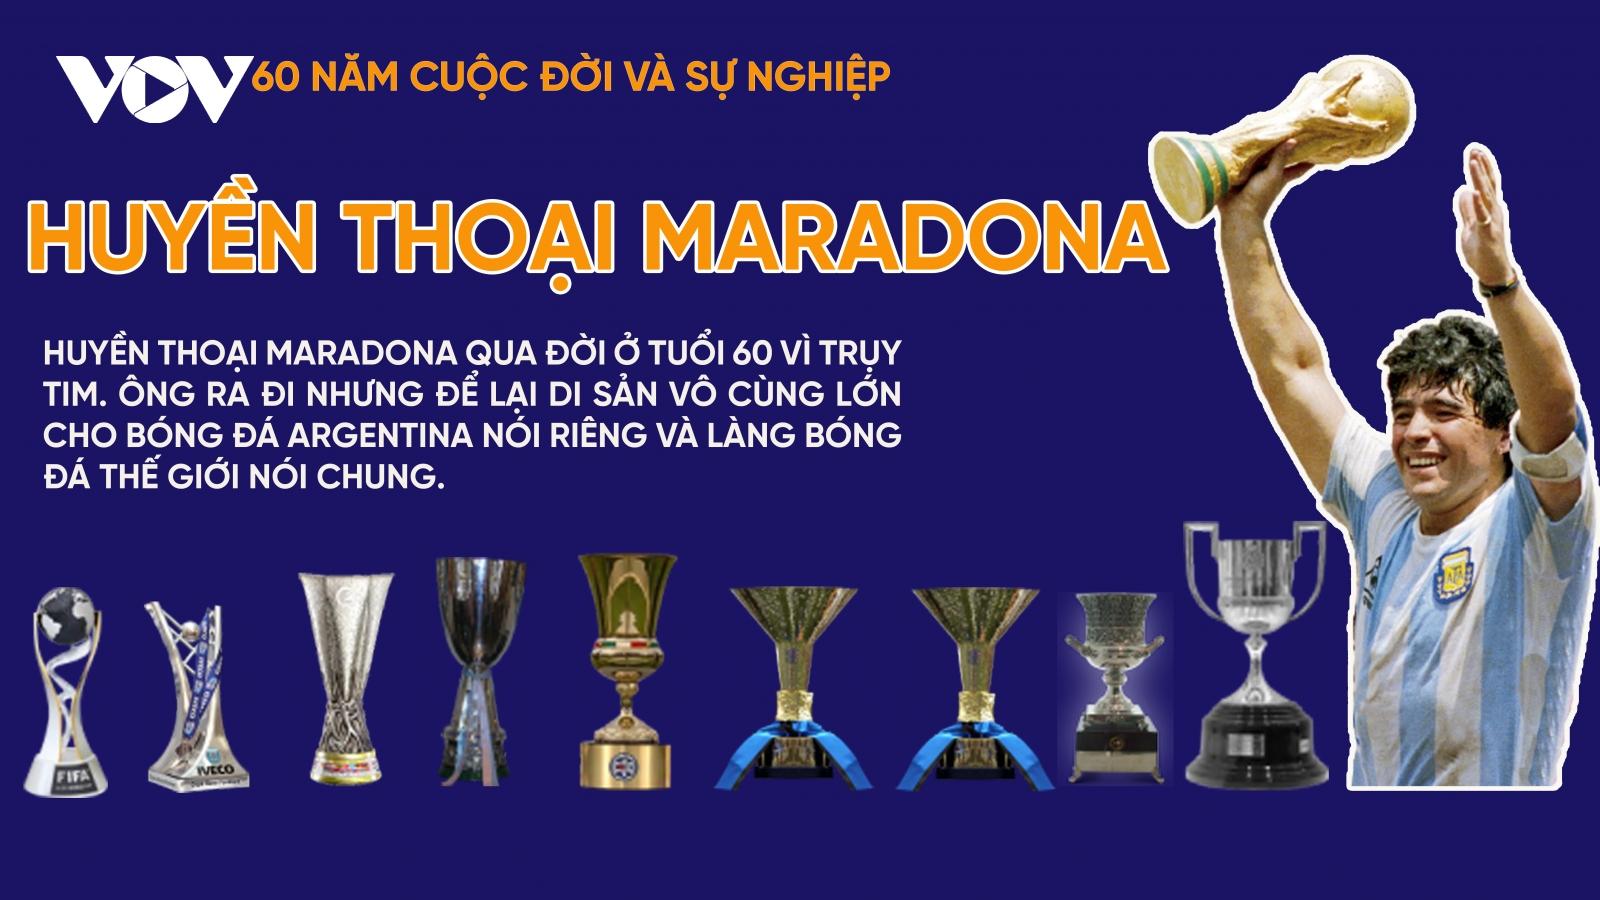 Huyền thoại bóng đá Maradona - 60 năm cuộc đời và sự nghiệp